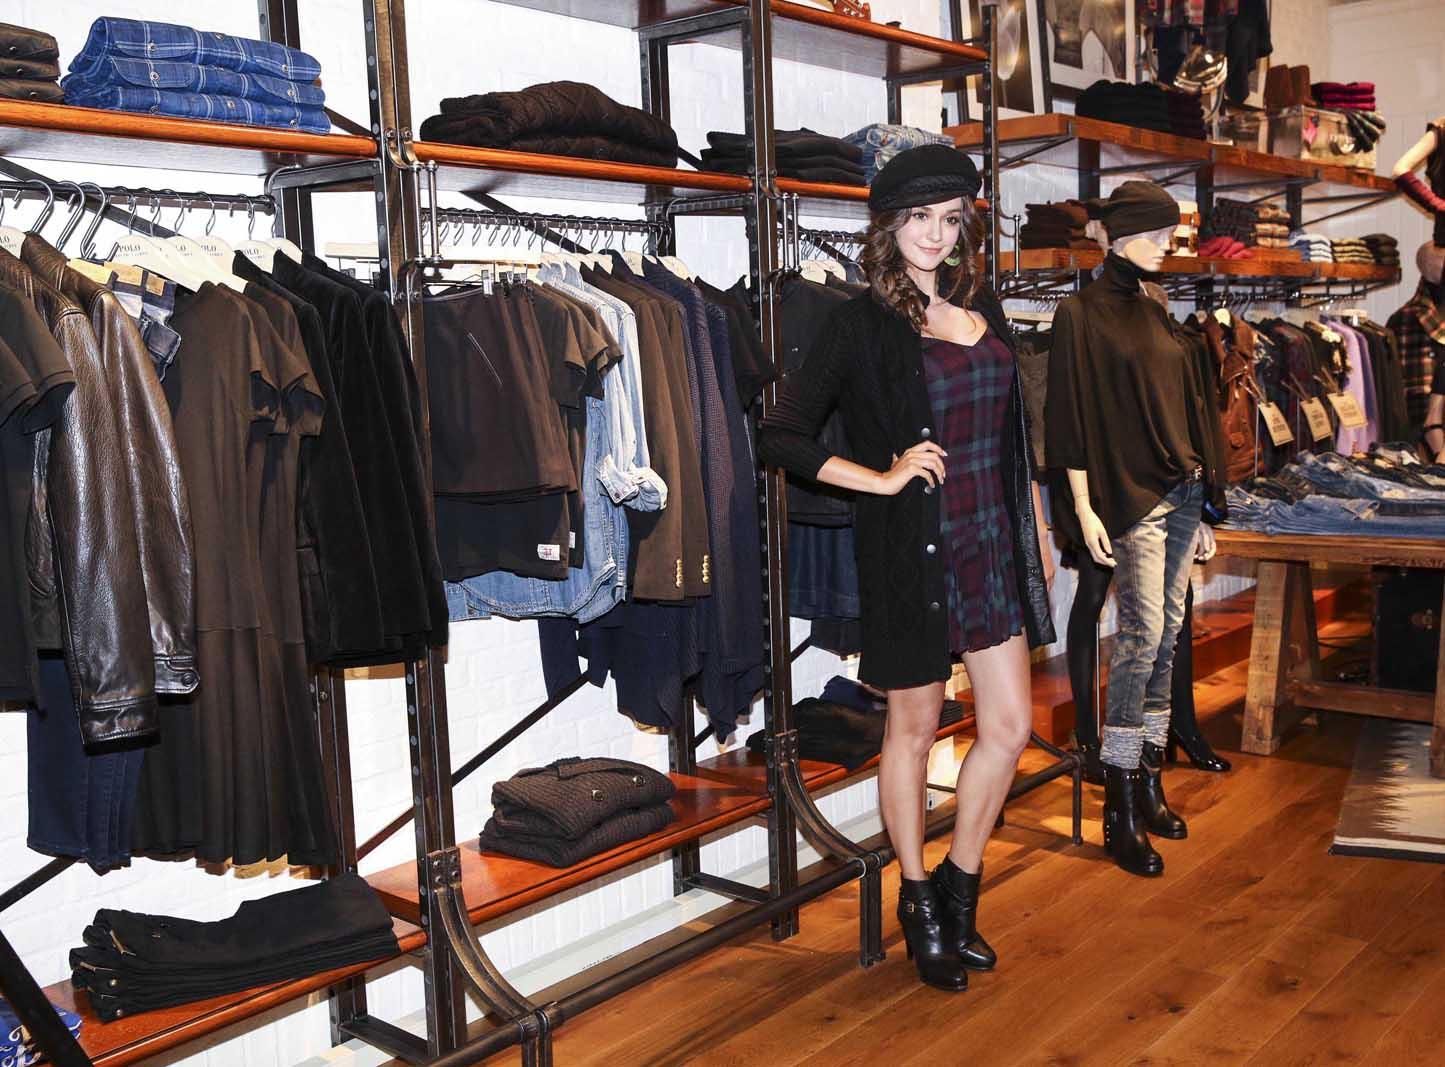 時尚名模 瑞莎優雅演繹POLO RALPH LAUREN 2015秋冬服裝;格紋洋裝 NT$17,280 針織長外套NT$26,080 羊毛貝雷帽 價格內洽